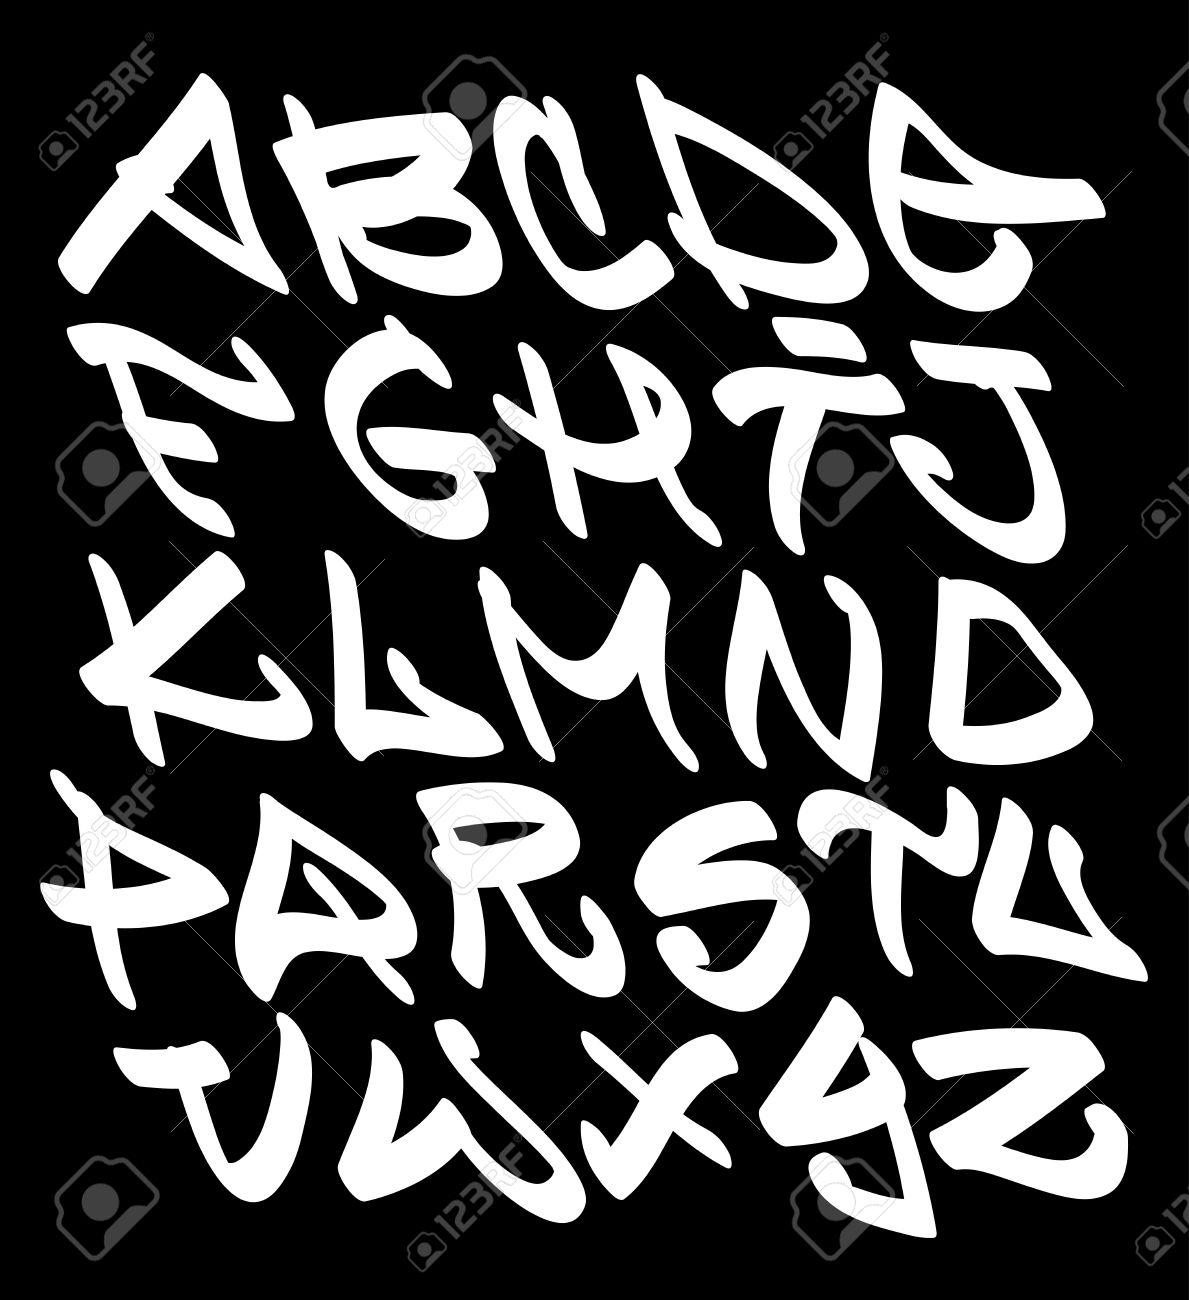 グラフィティ フォントのアルファベット文字。ヒップ ホップ型落書き